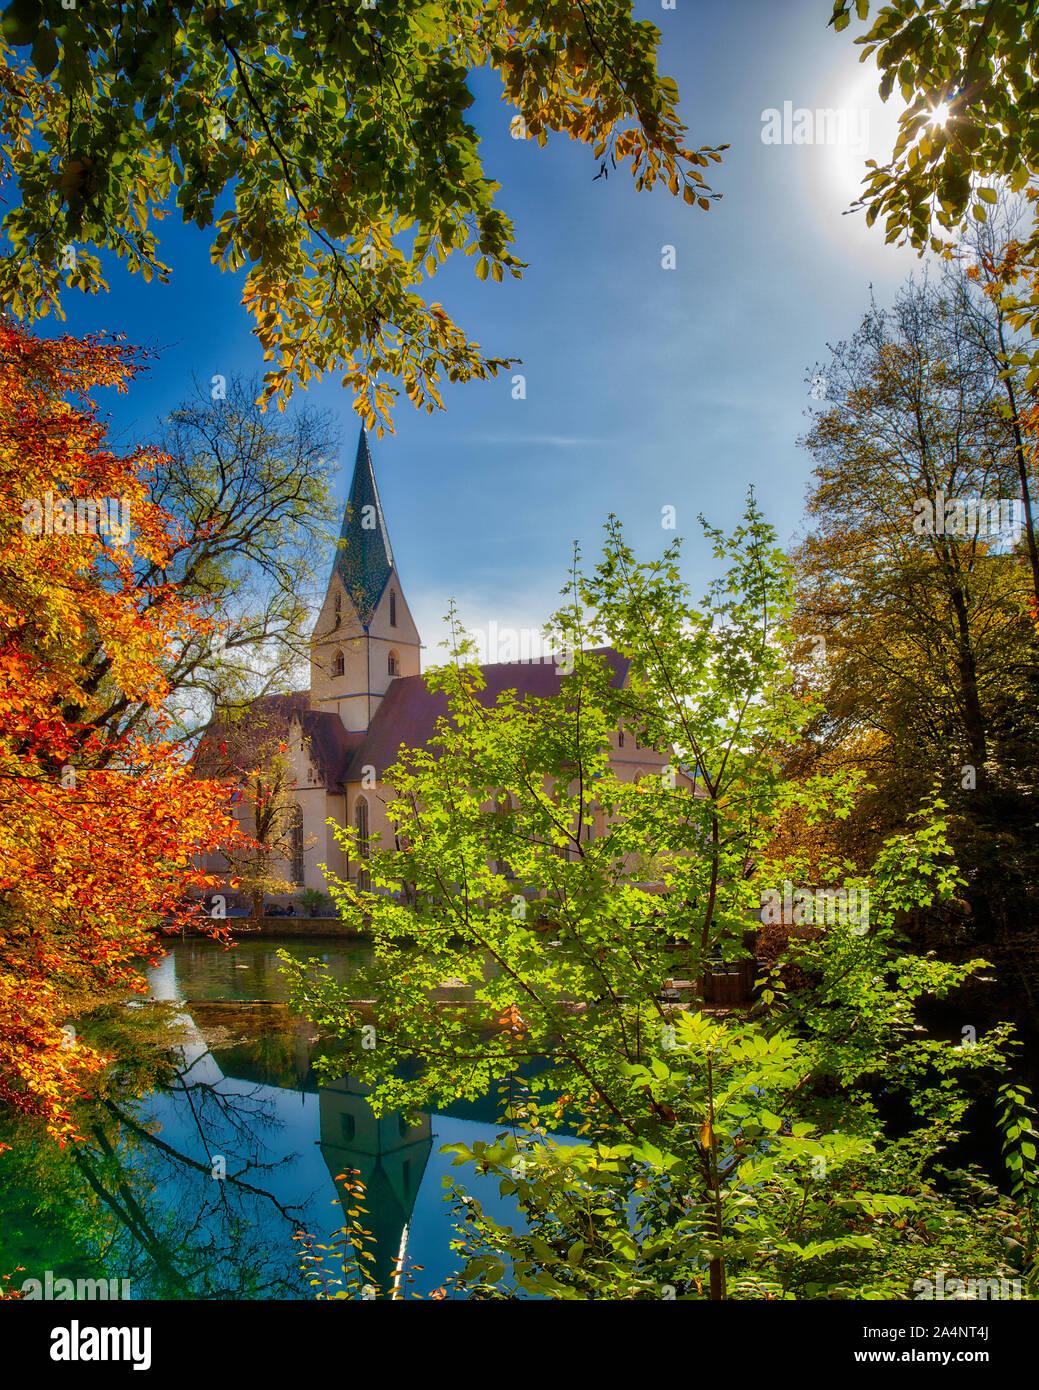 DE - BADEN WÜRTTEMBERG: El Blautopf y Blaubeuren Abbey (un sitio de Patrimonio Mundial de la UNESCO) Foto de stock